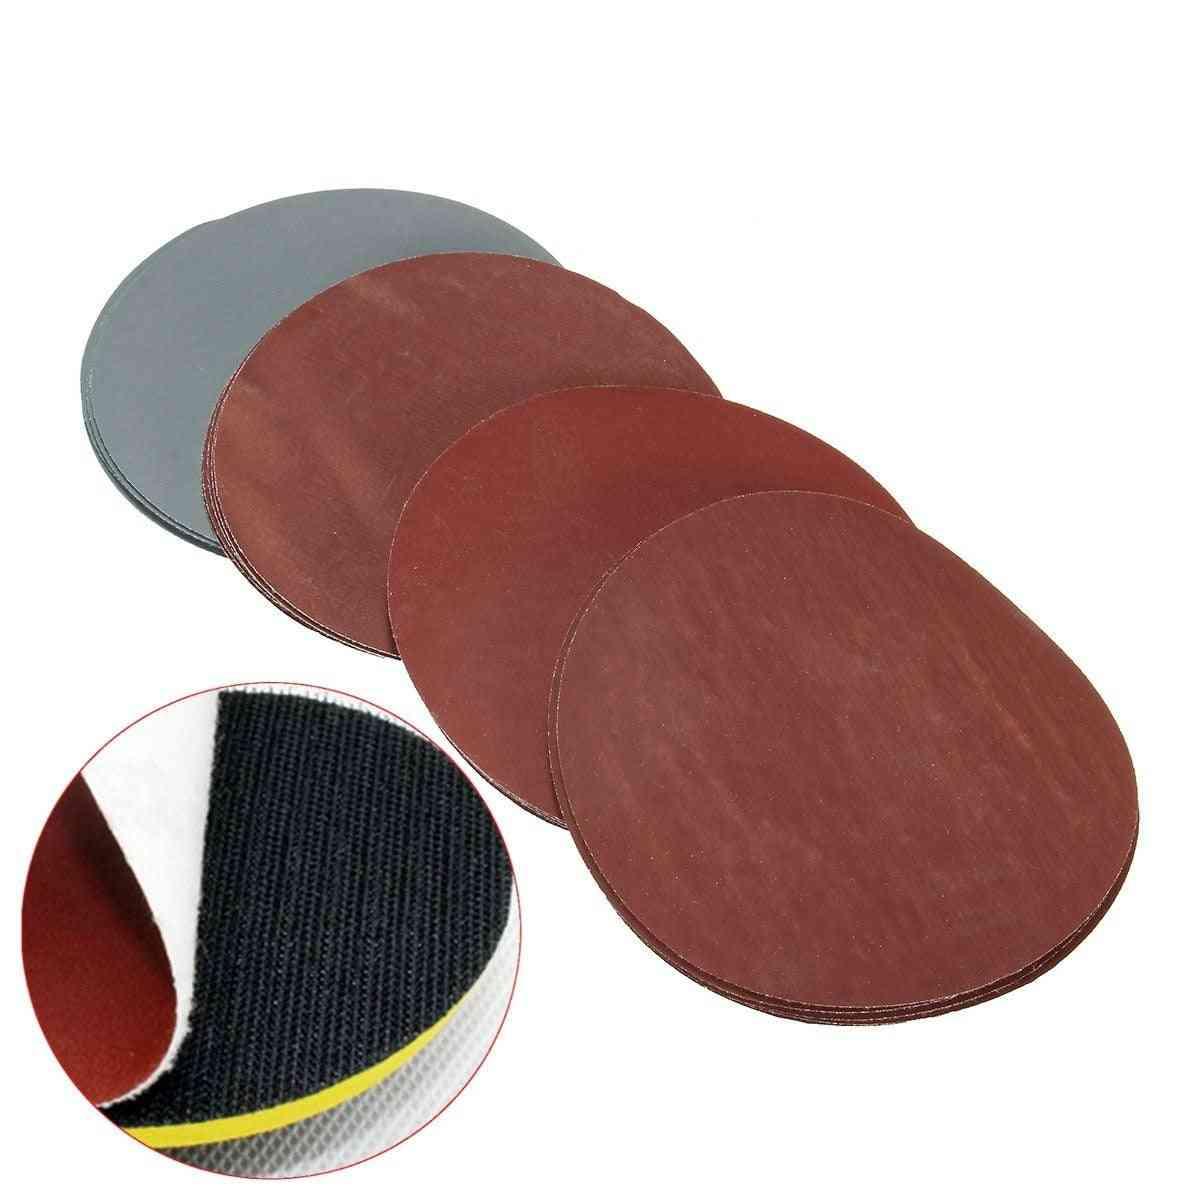 Grit Hook Loop Polishing Sandpaper Abrasive Tool For Wood Metal